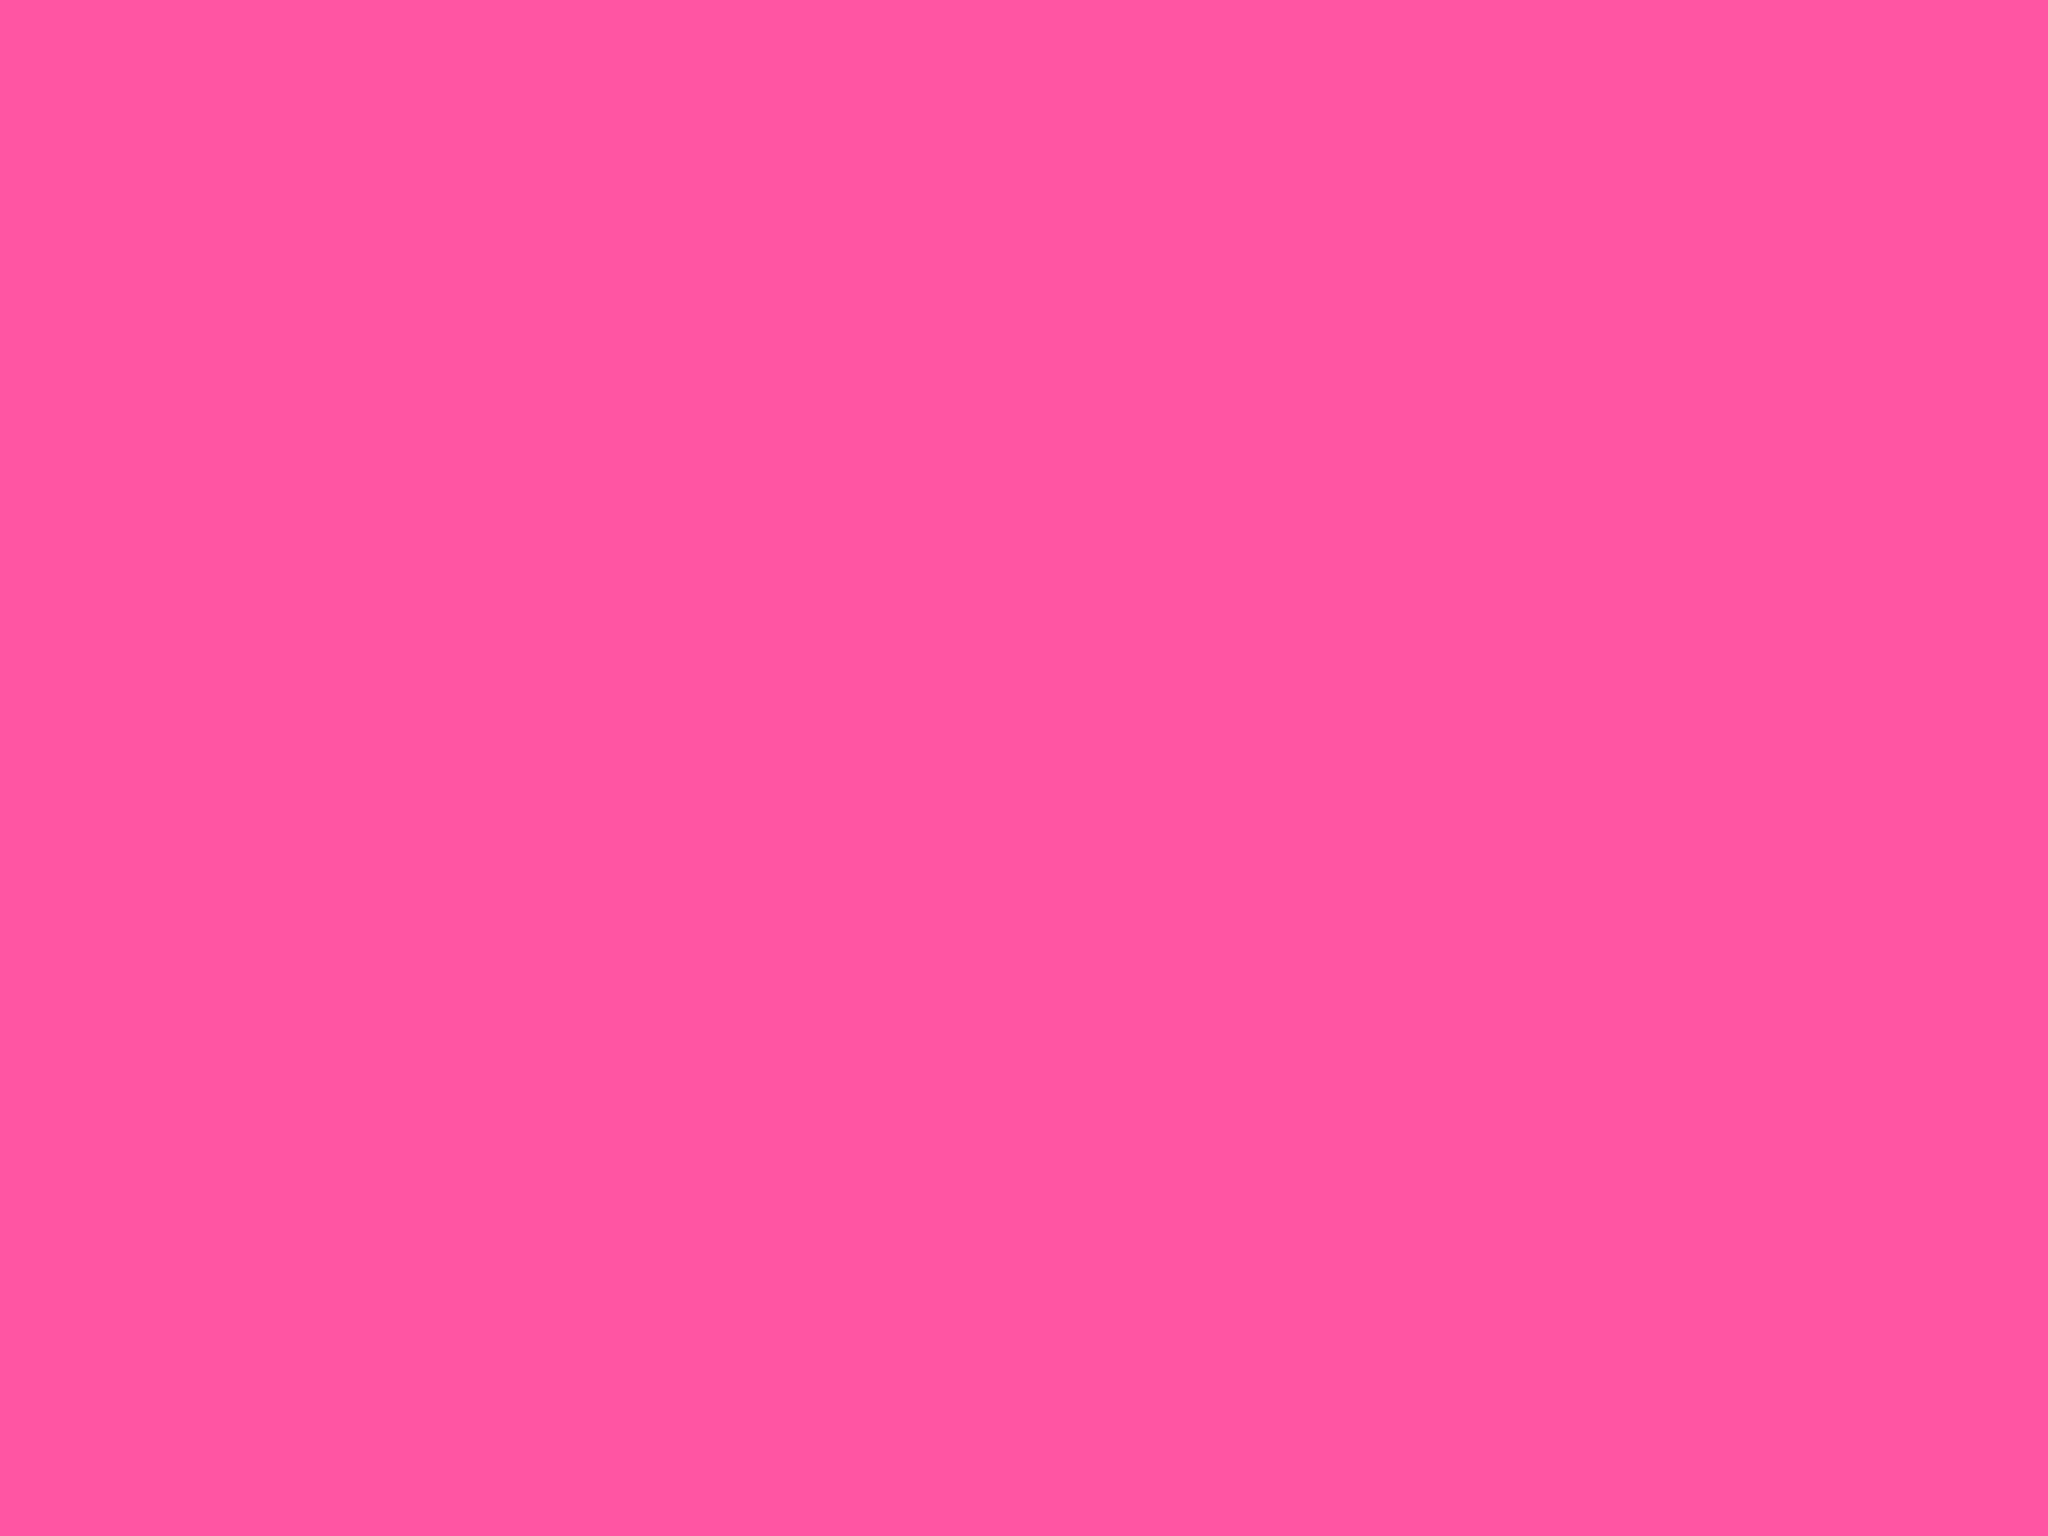 2048x1536 Magenta Crayola Solid Color Background